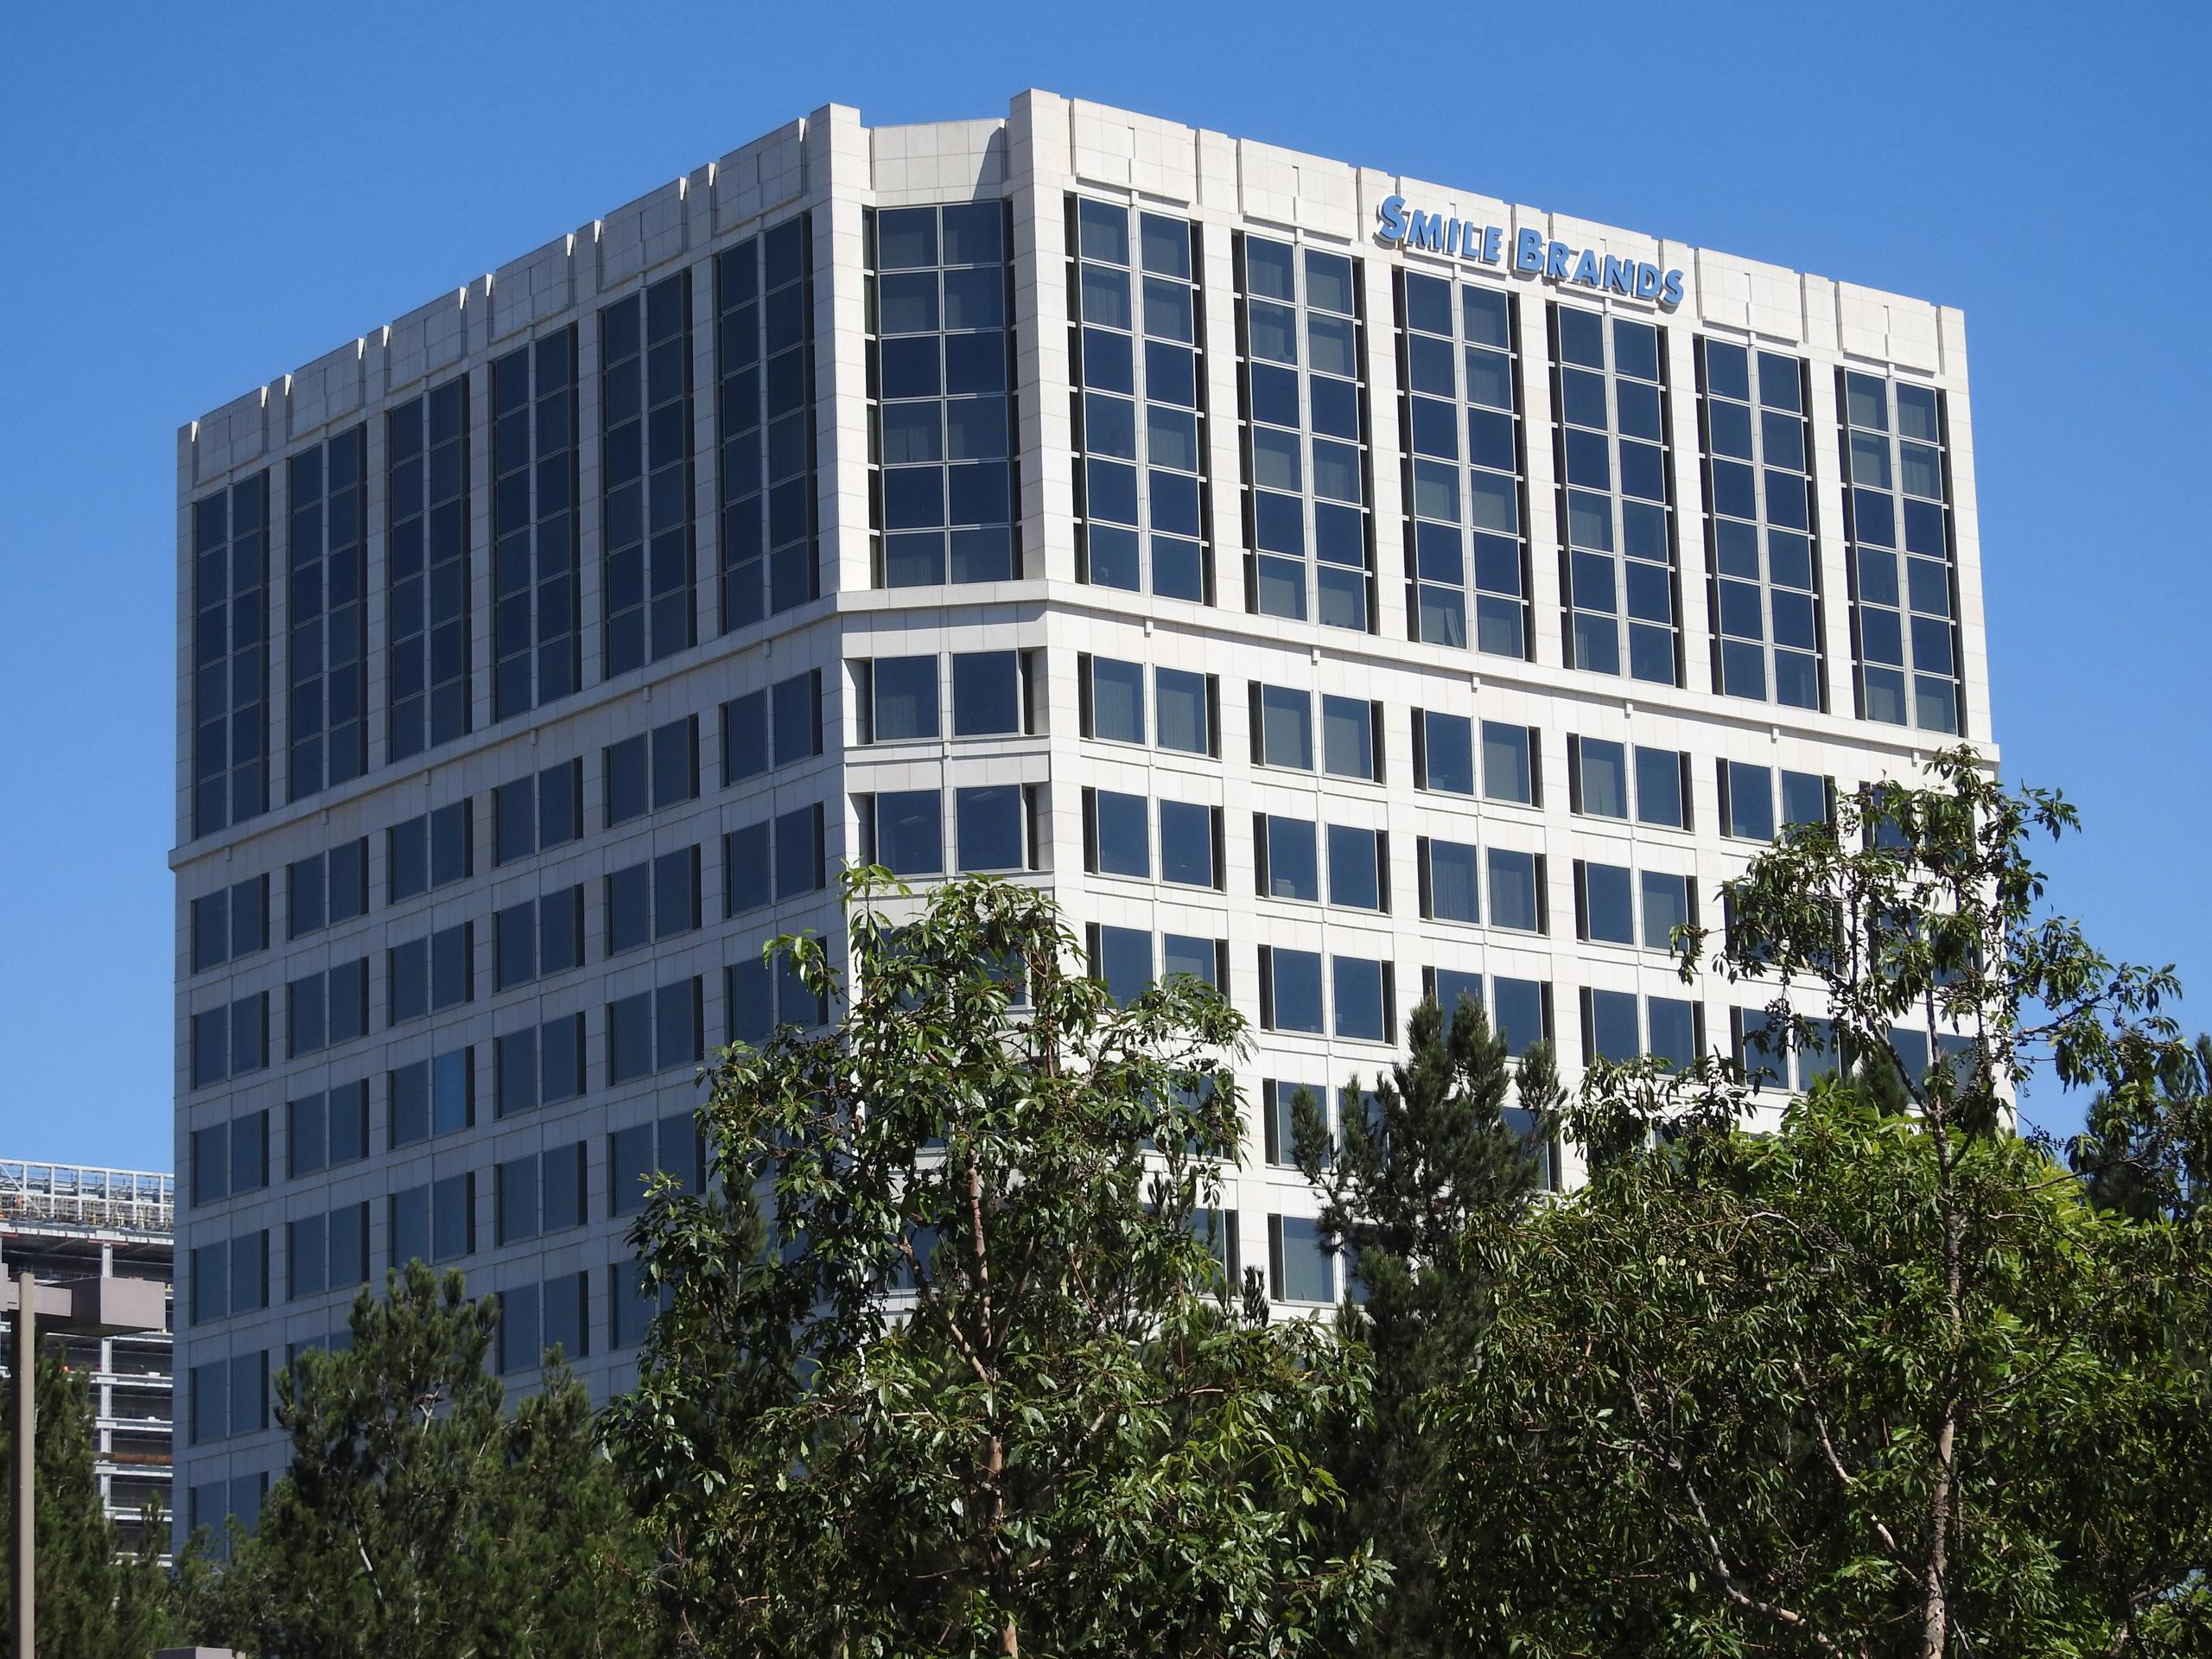 Smile Brands' corporate headquarters in Irvine, California.